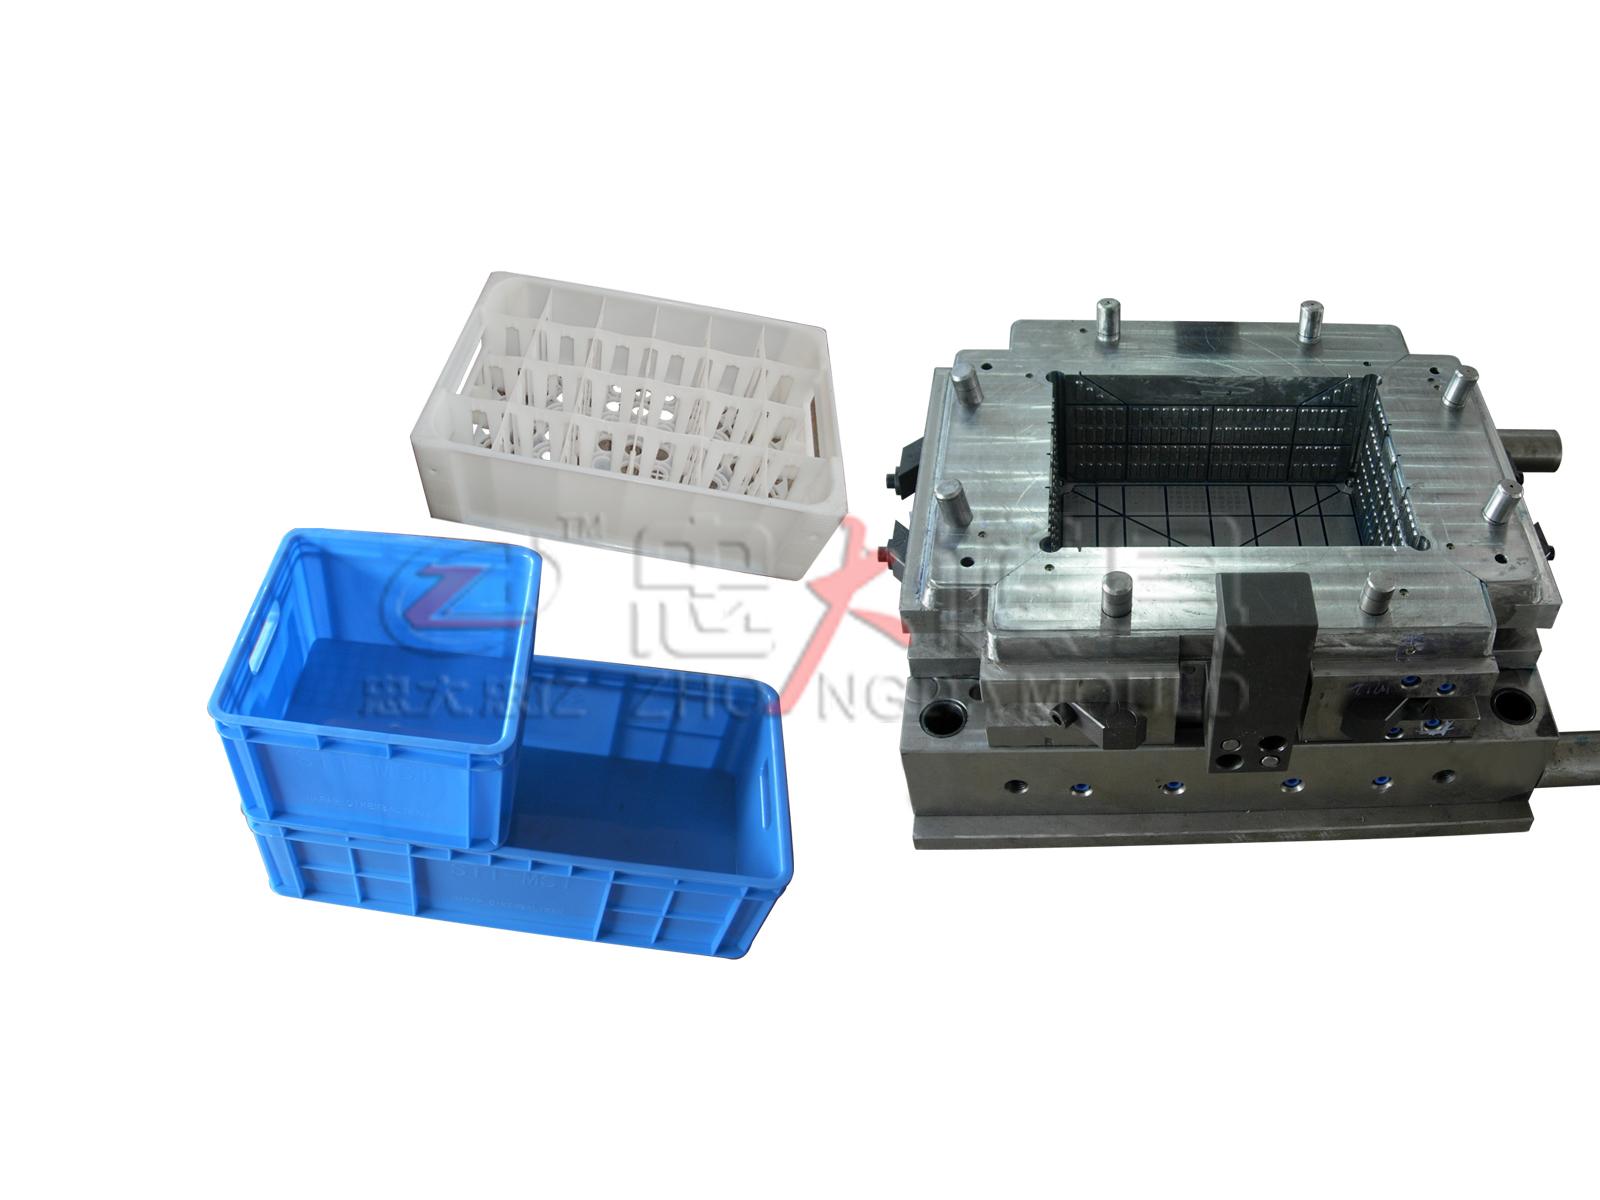 必须设计完整的模具结构及加工零件,并提出装配要求及注塑工艺要求.